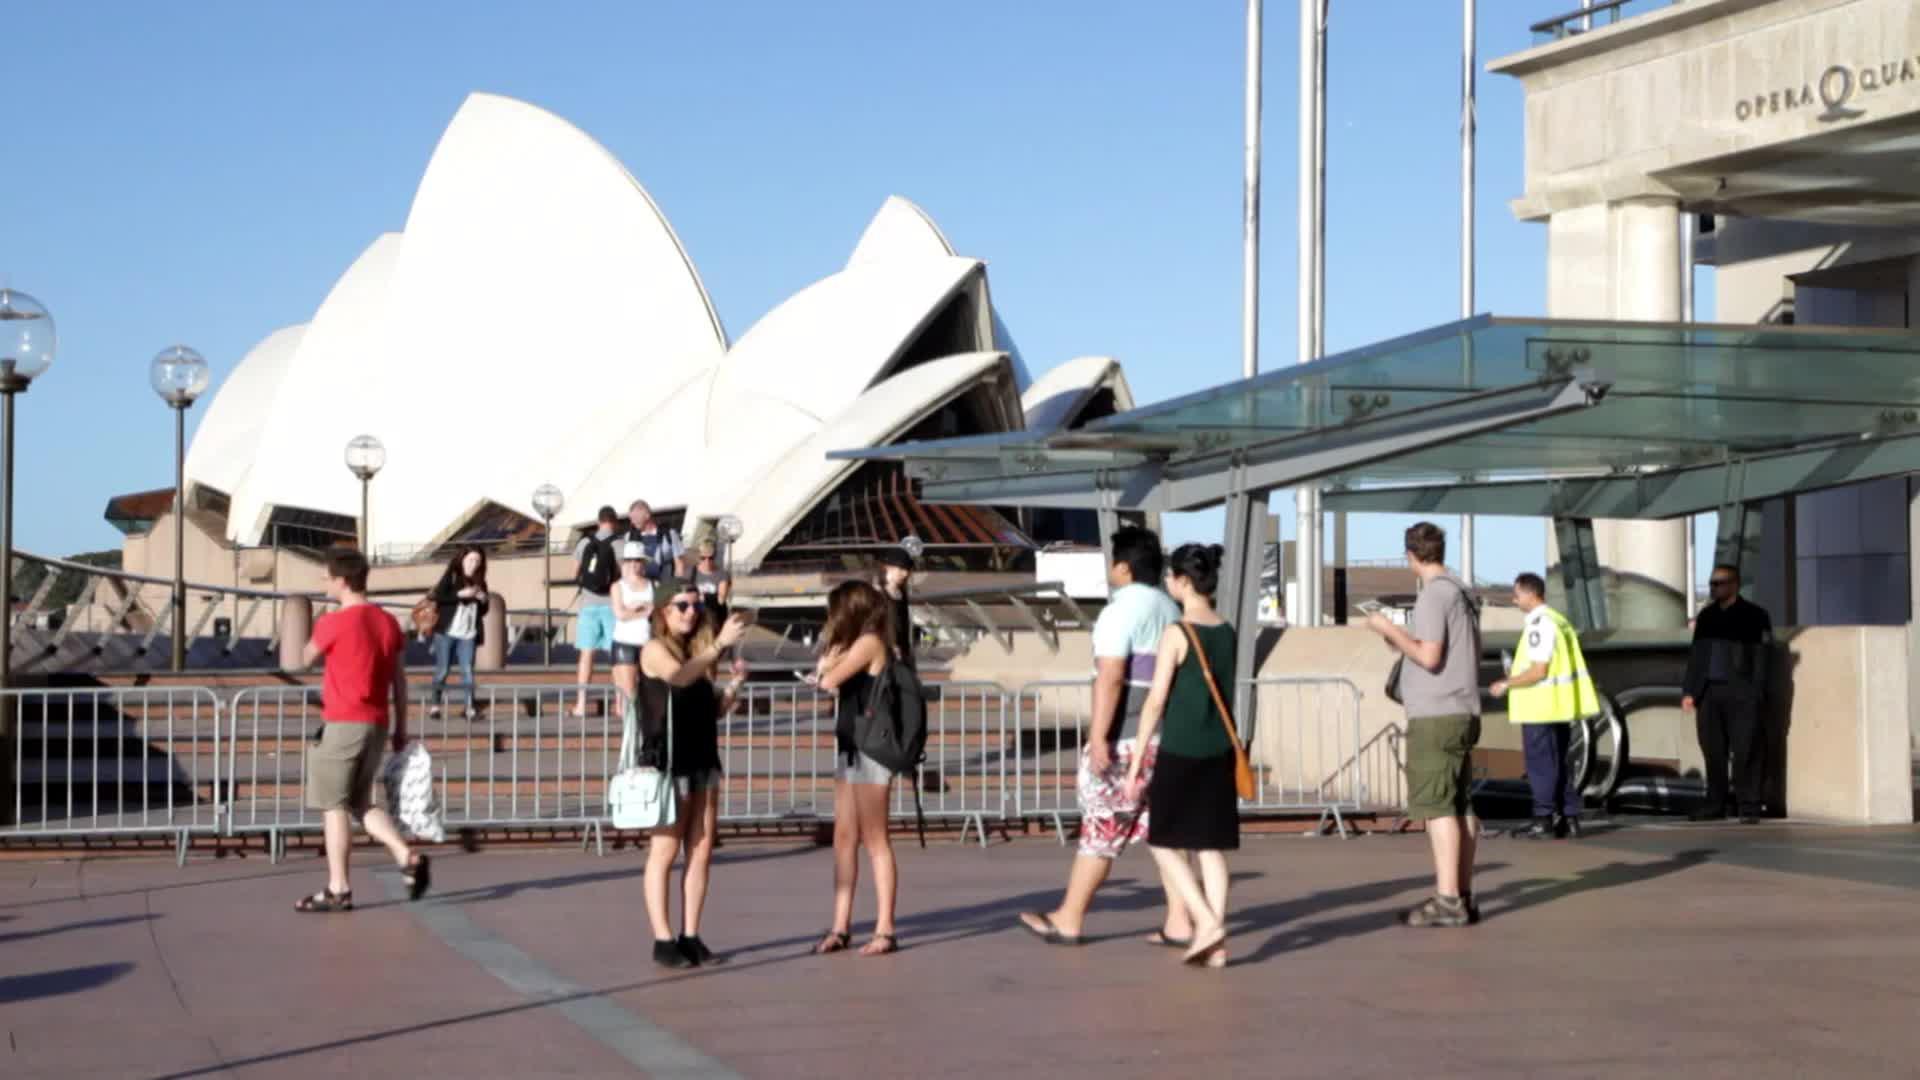 Australia: Sydney on lockdown amid hostage crisis   Video ...